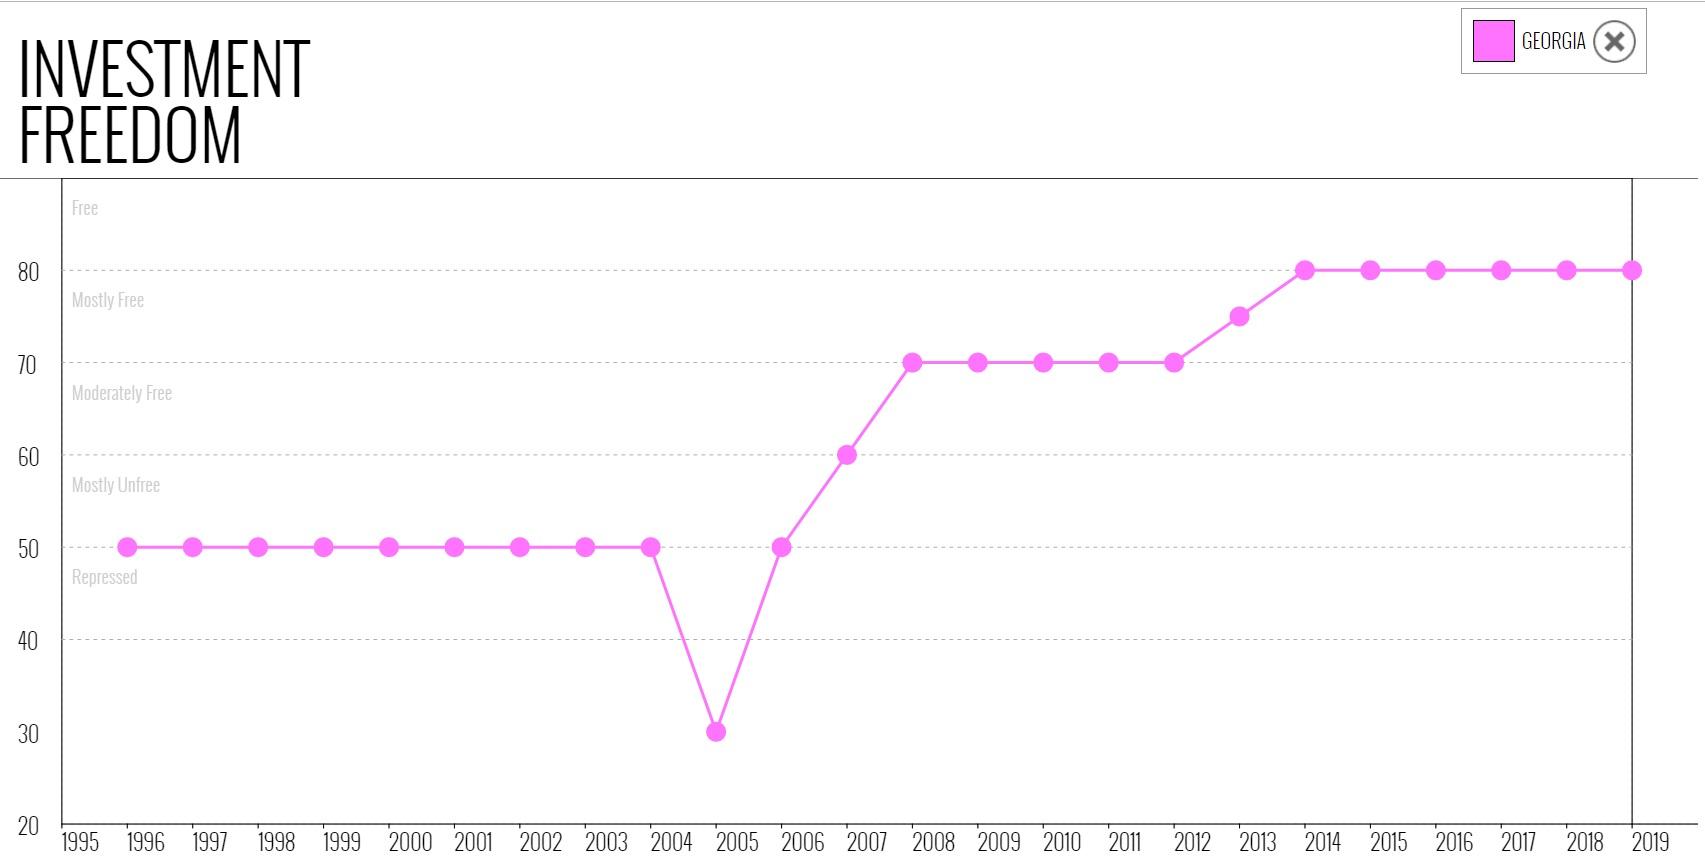 نمودار شاخص موضوع آزادی سرمایه گذاری در گرجستان در میان سالهای 1995 تا 2019